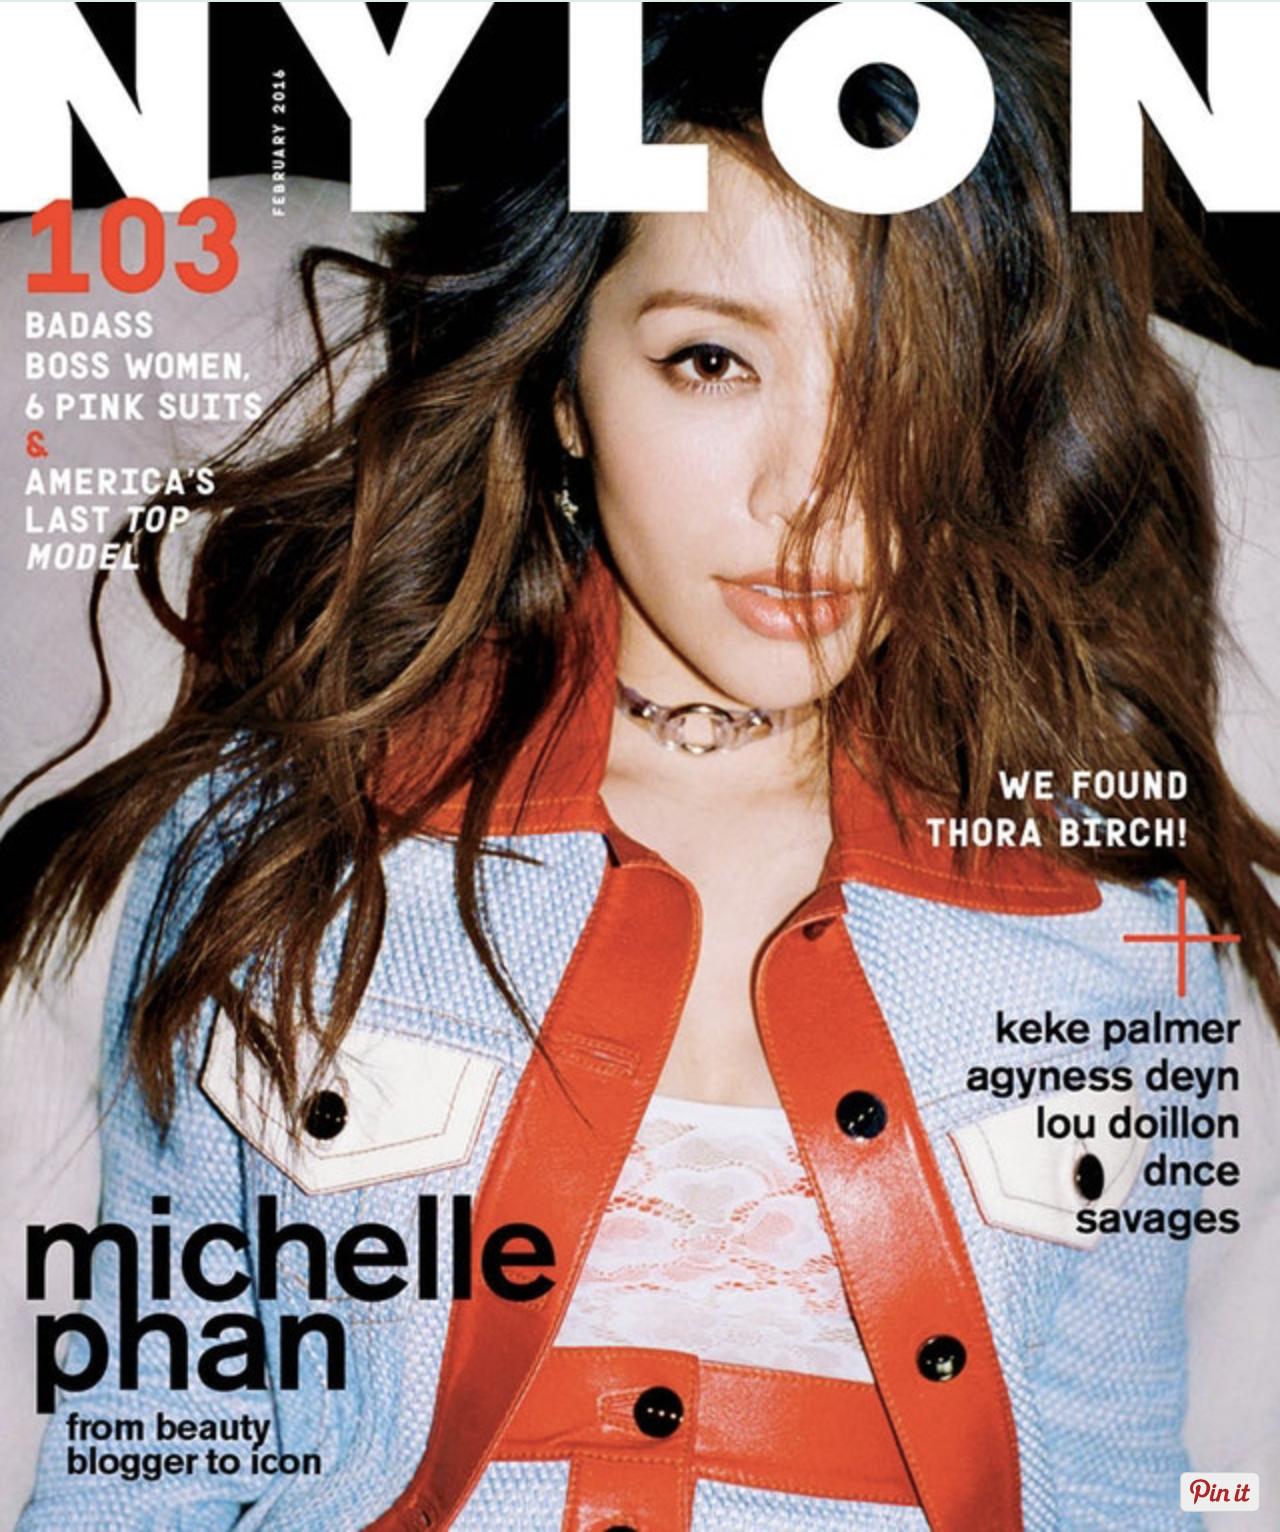 NYLON FEBRUARY 2016 MICHELLE PHAN COVER STORY